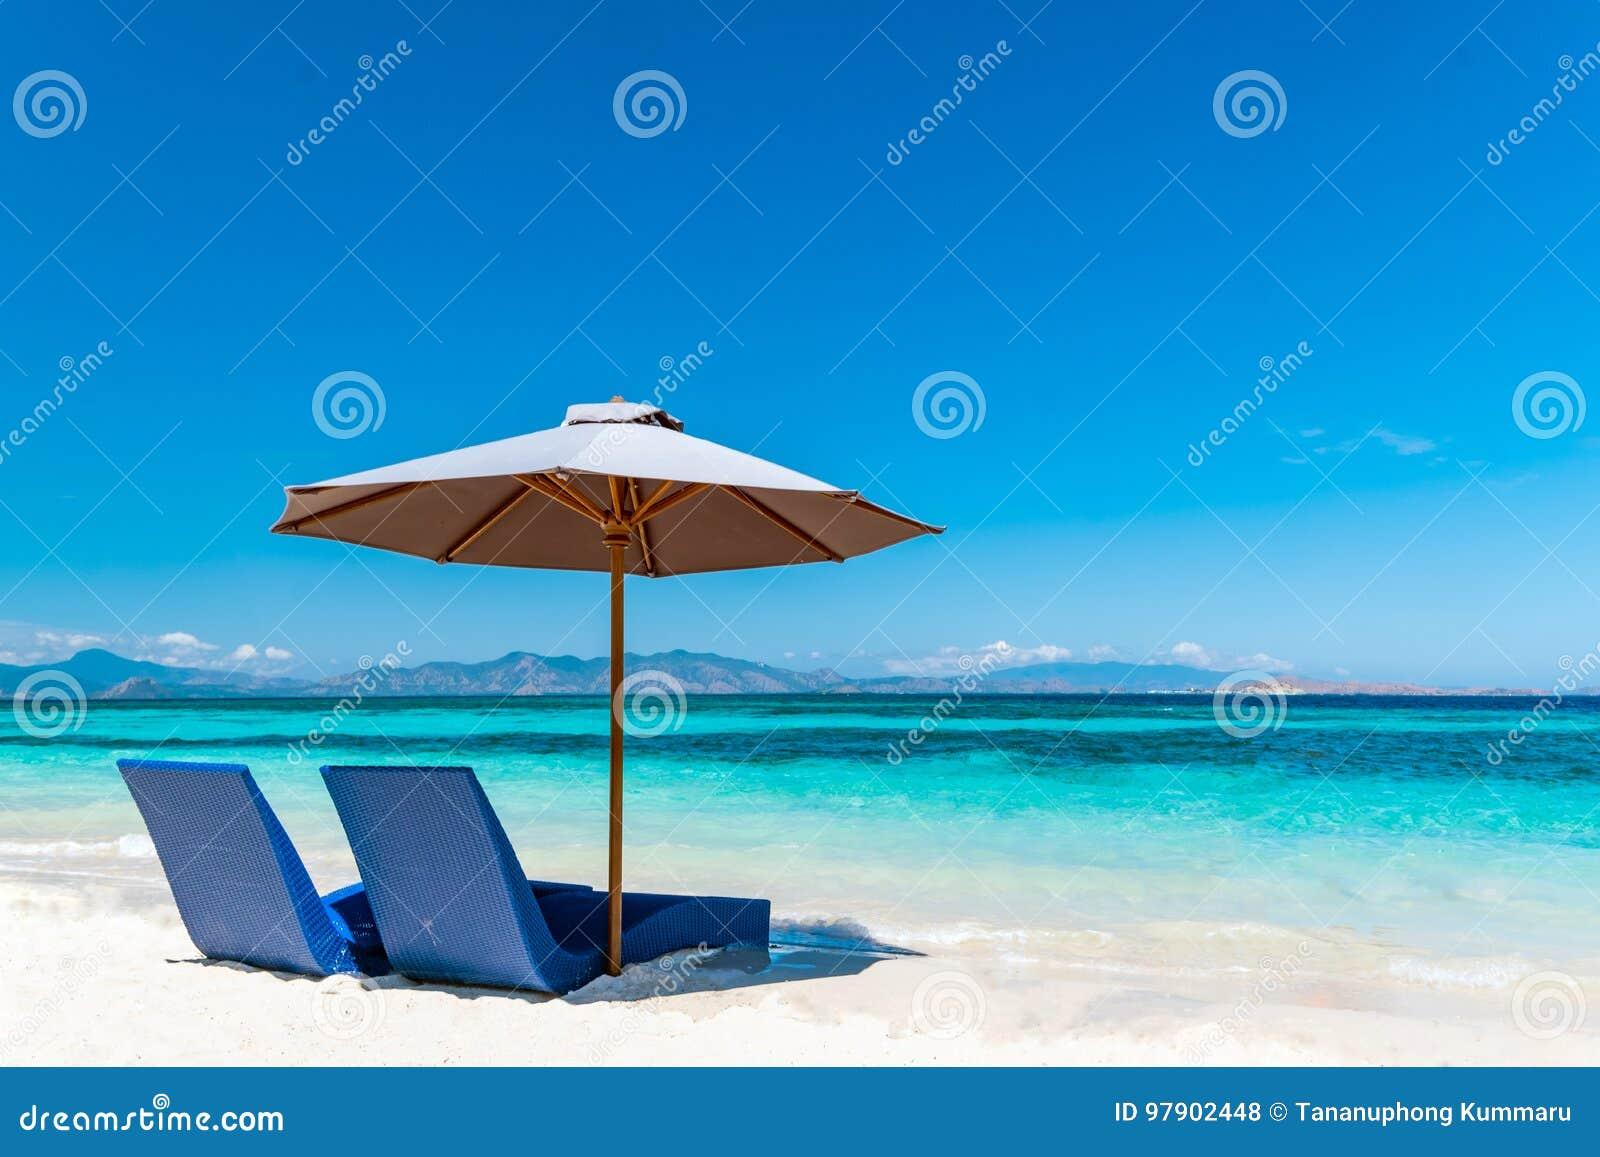 Beautiful beach. Sunbeds with umbrella on the sandy beach near the sea.